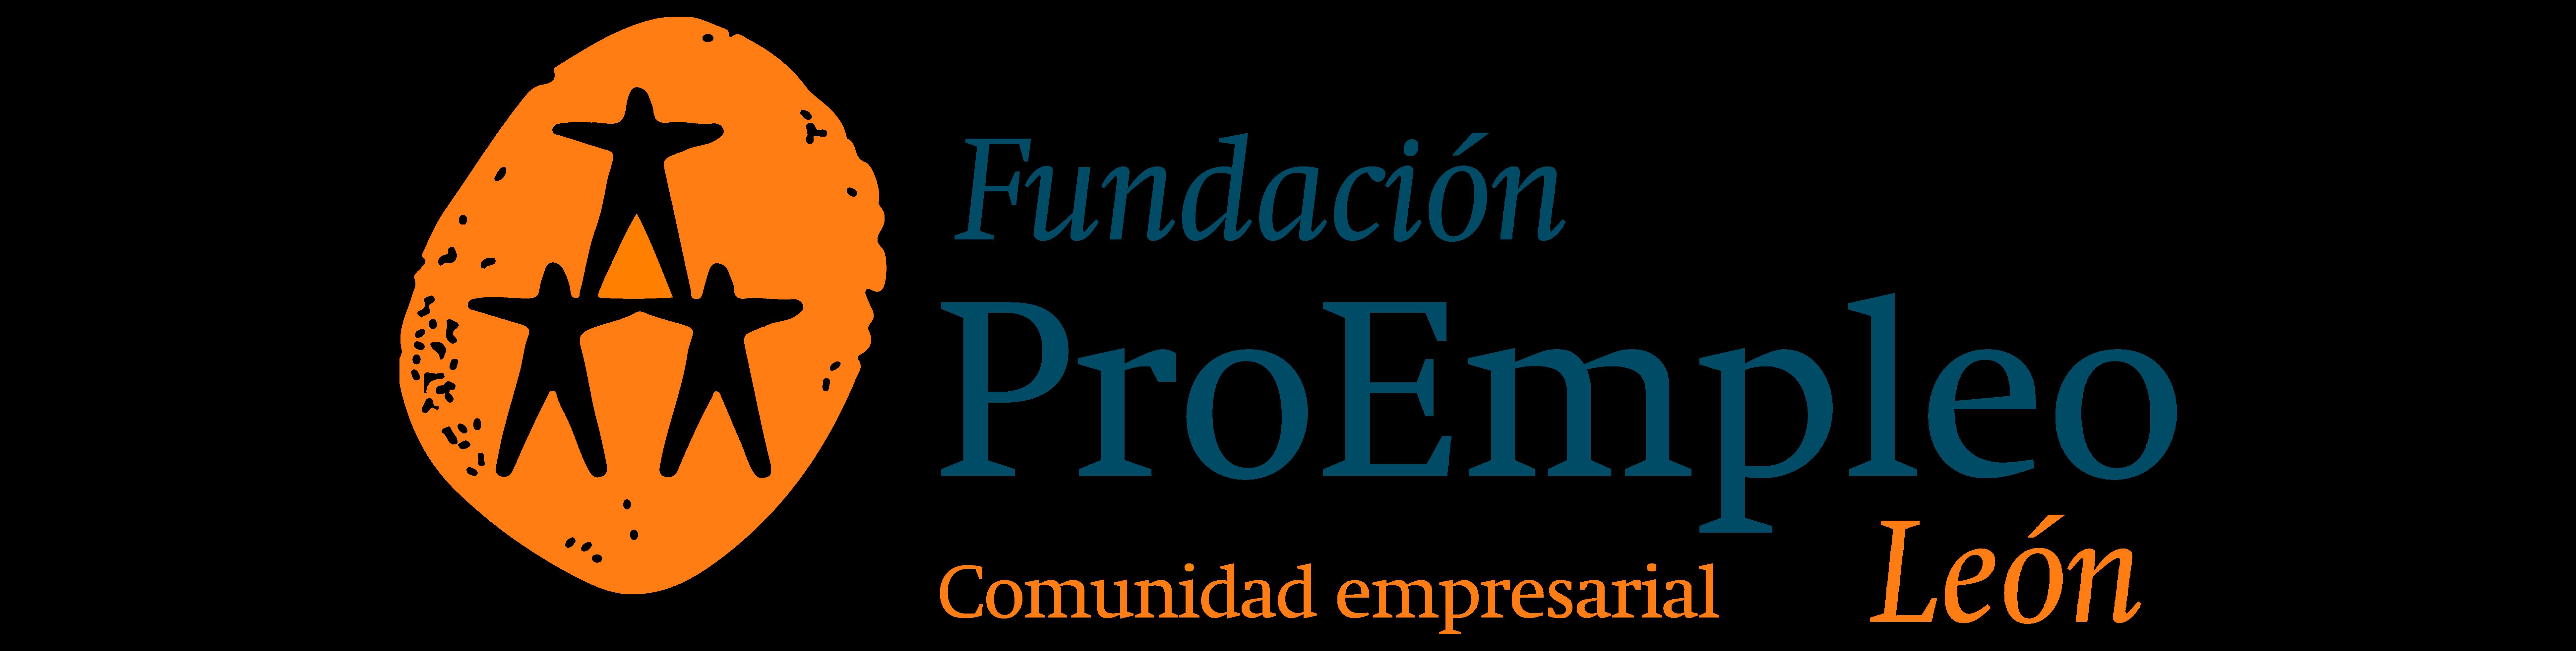 Fundación ProEmpleo León